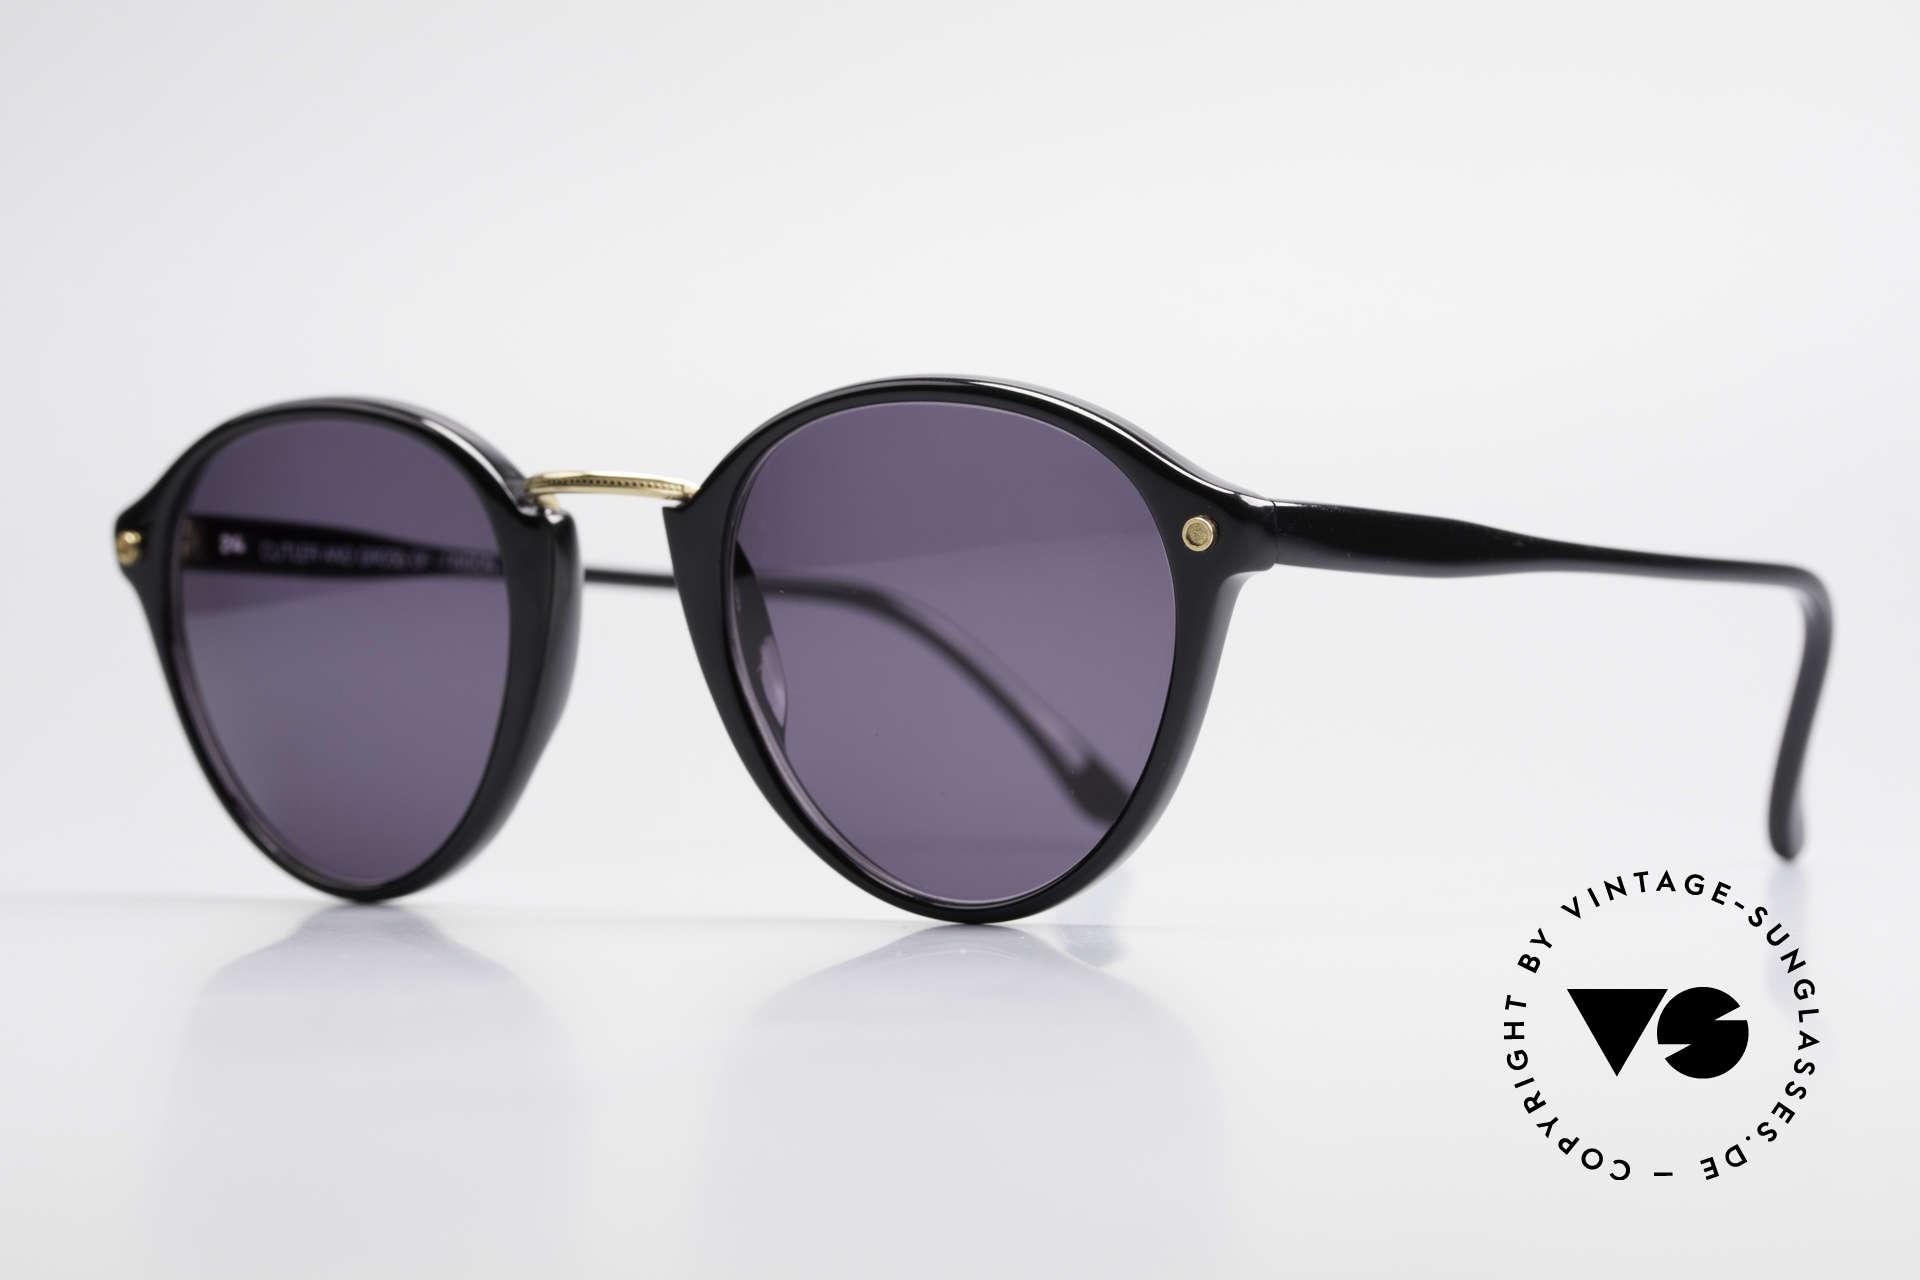 Cutler And Gross 0249 Panto Sonnenbrille Vintage, stilvoll & unverwechselbar; auch ohne pompöse Logos, Passend für Herren und Damen